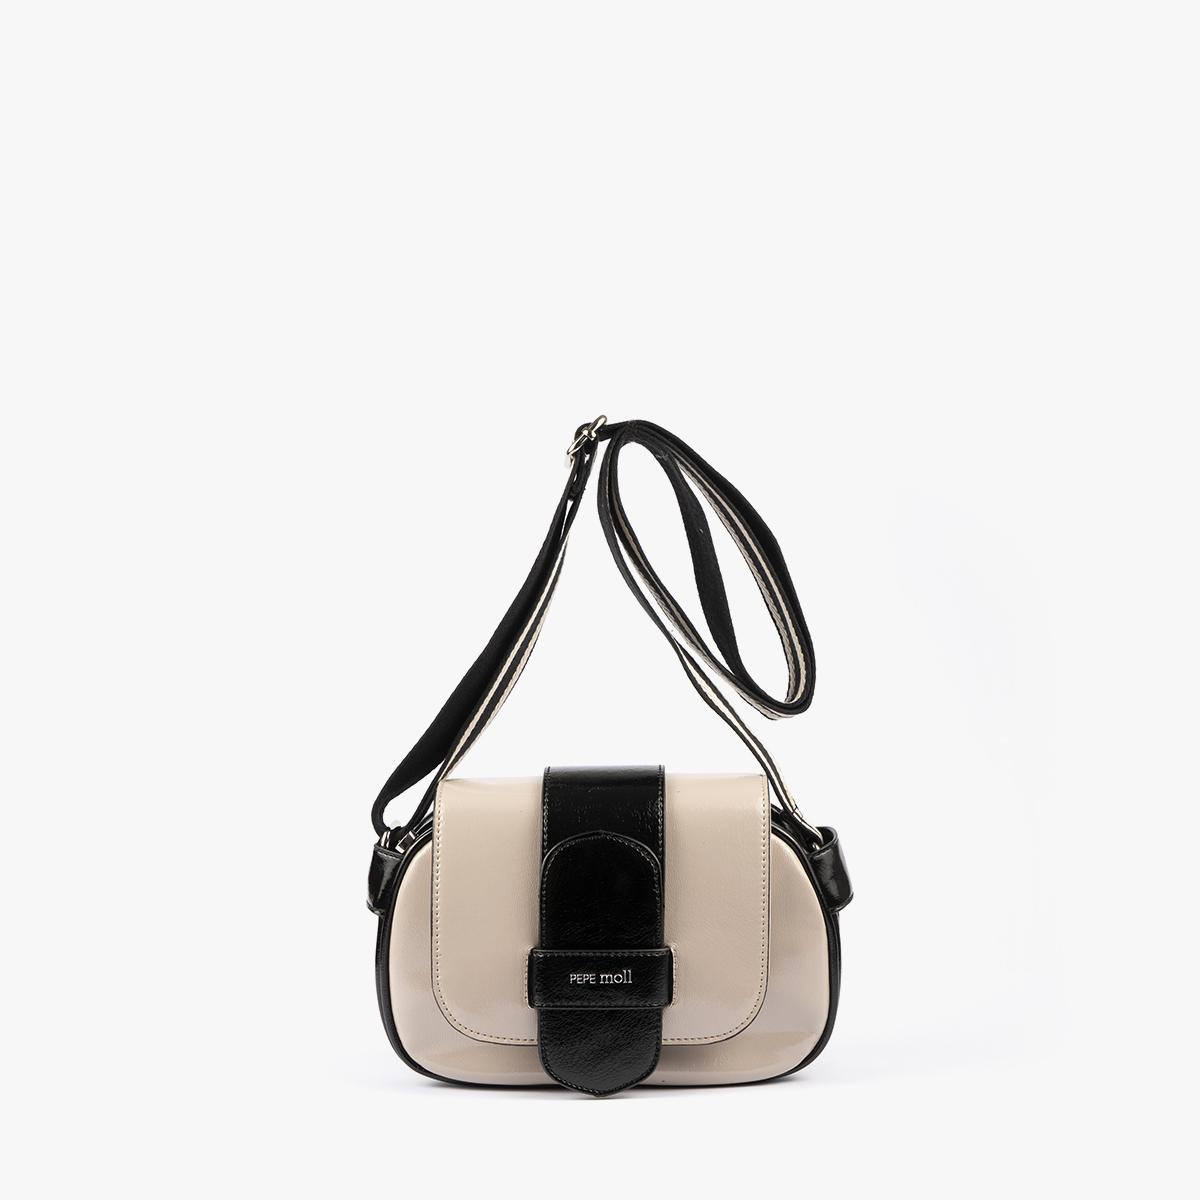 bolso badolera blanco y negro 45118 frontal